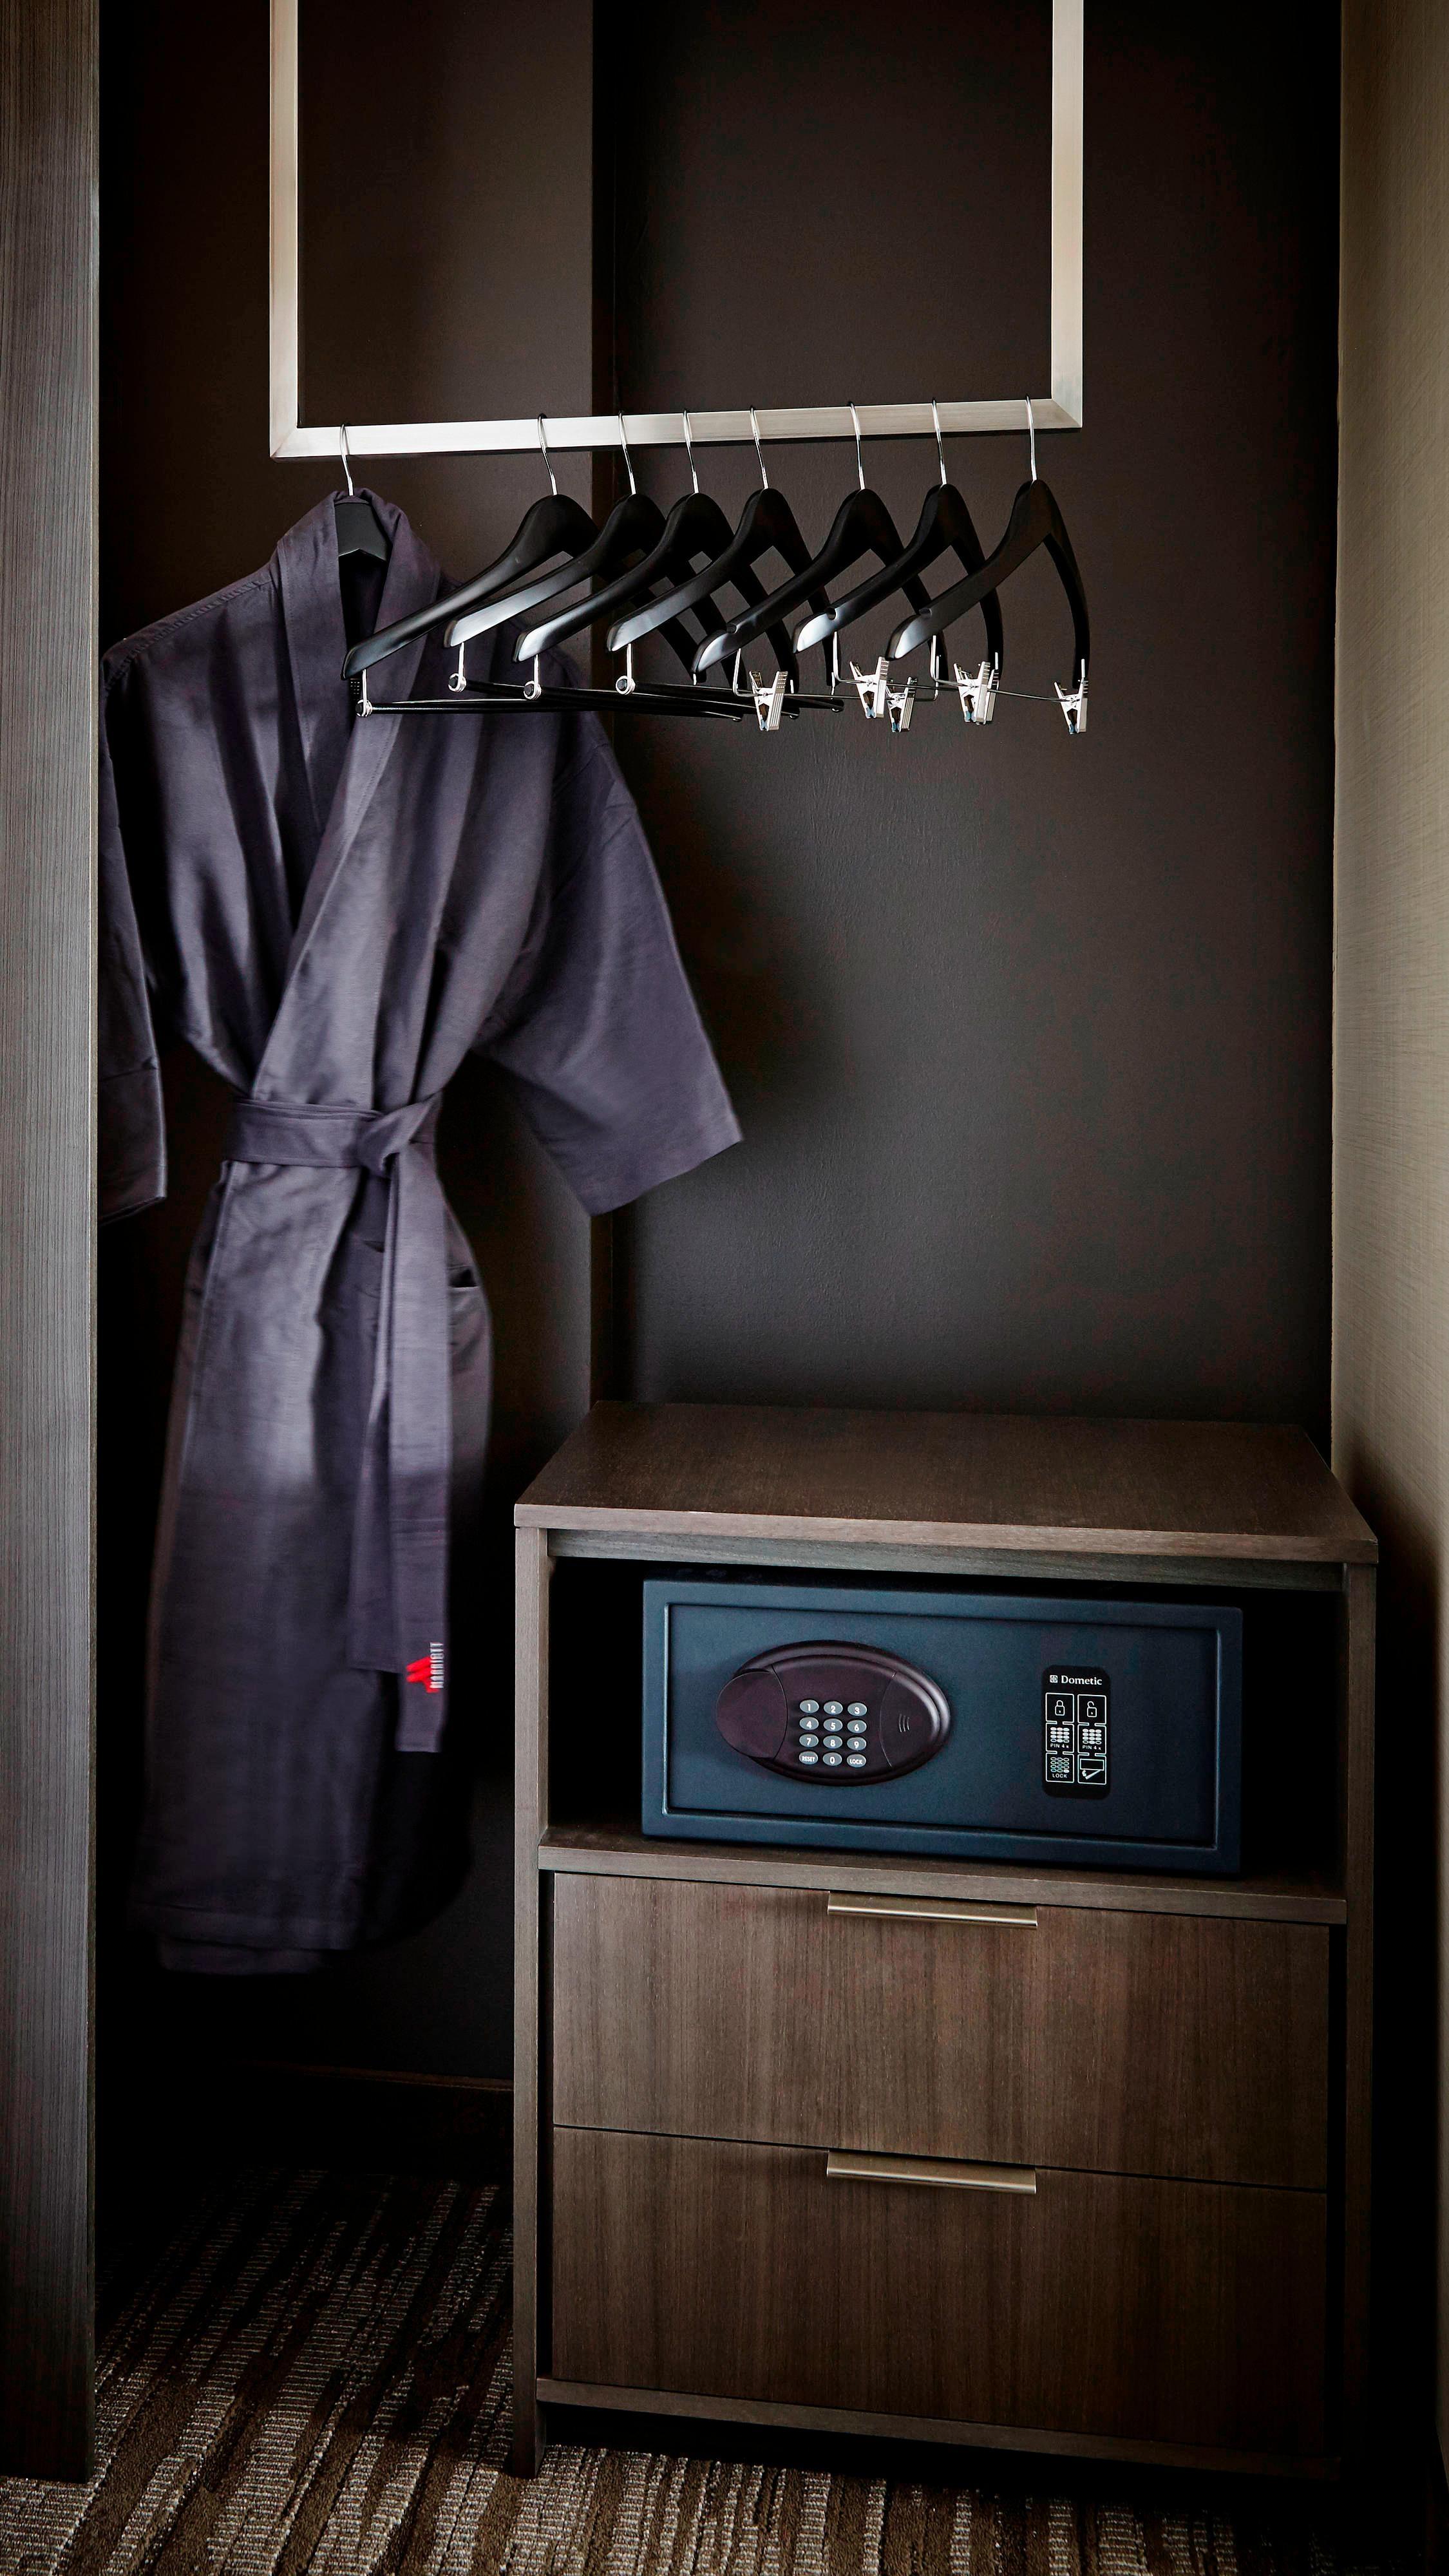 Guest Room Amenities In-Room Closet